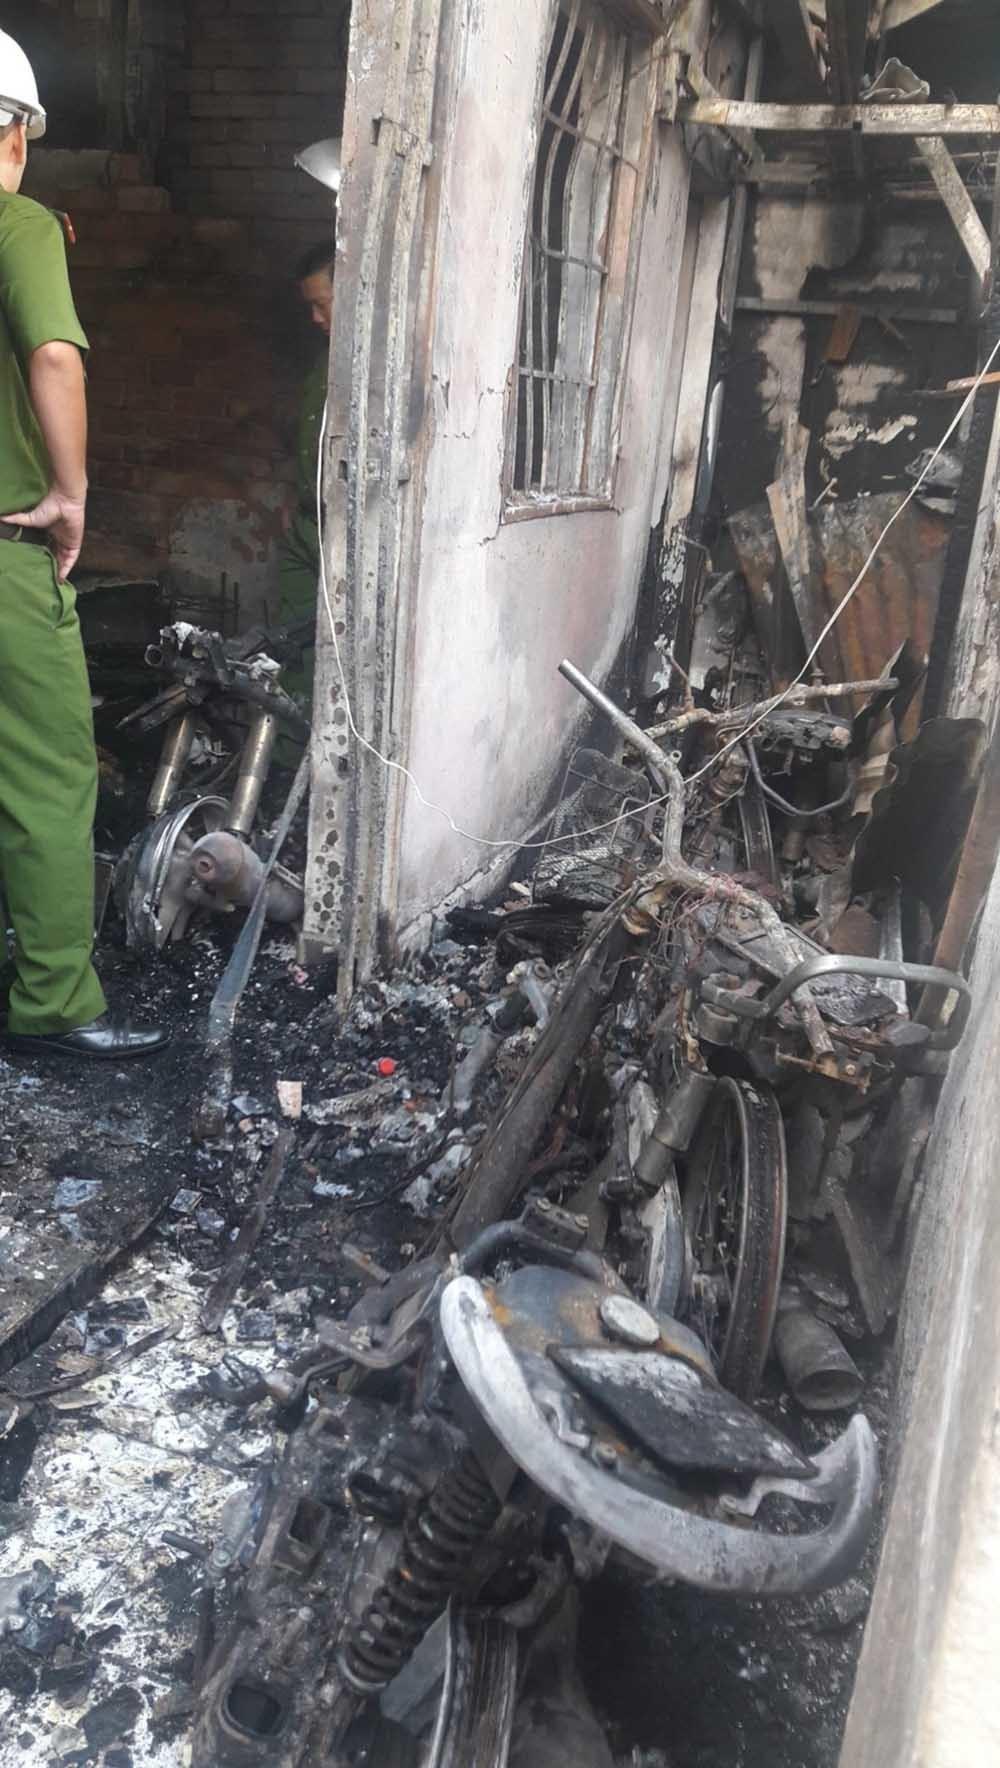 Hành trình 10 giờ truy bắt nghi can vụ cháy 5 người chết ở TP.HCM